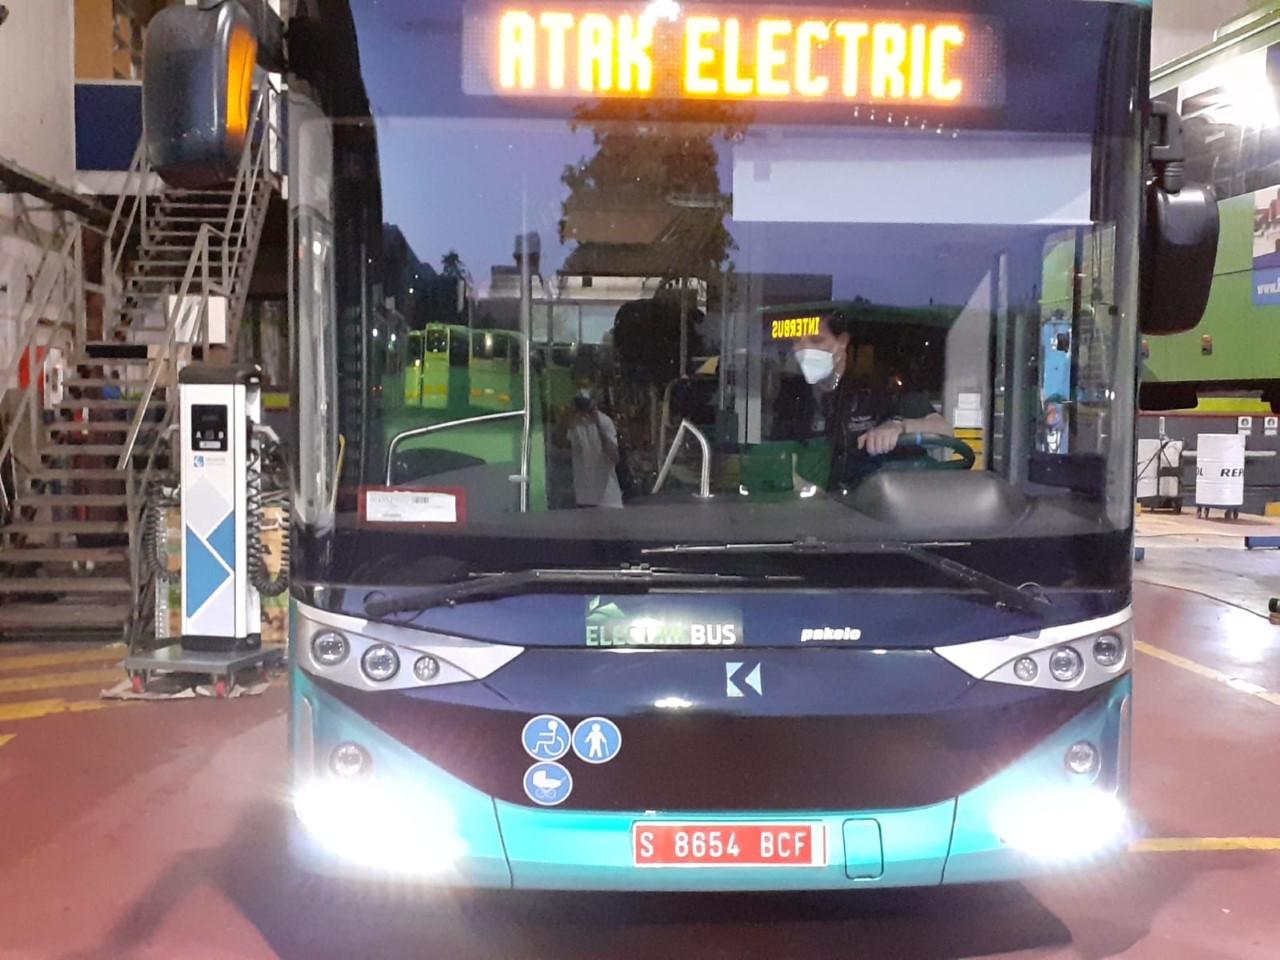 viaje en autobús eléctrico